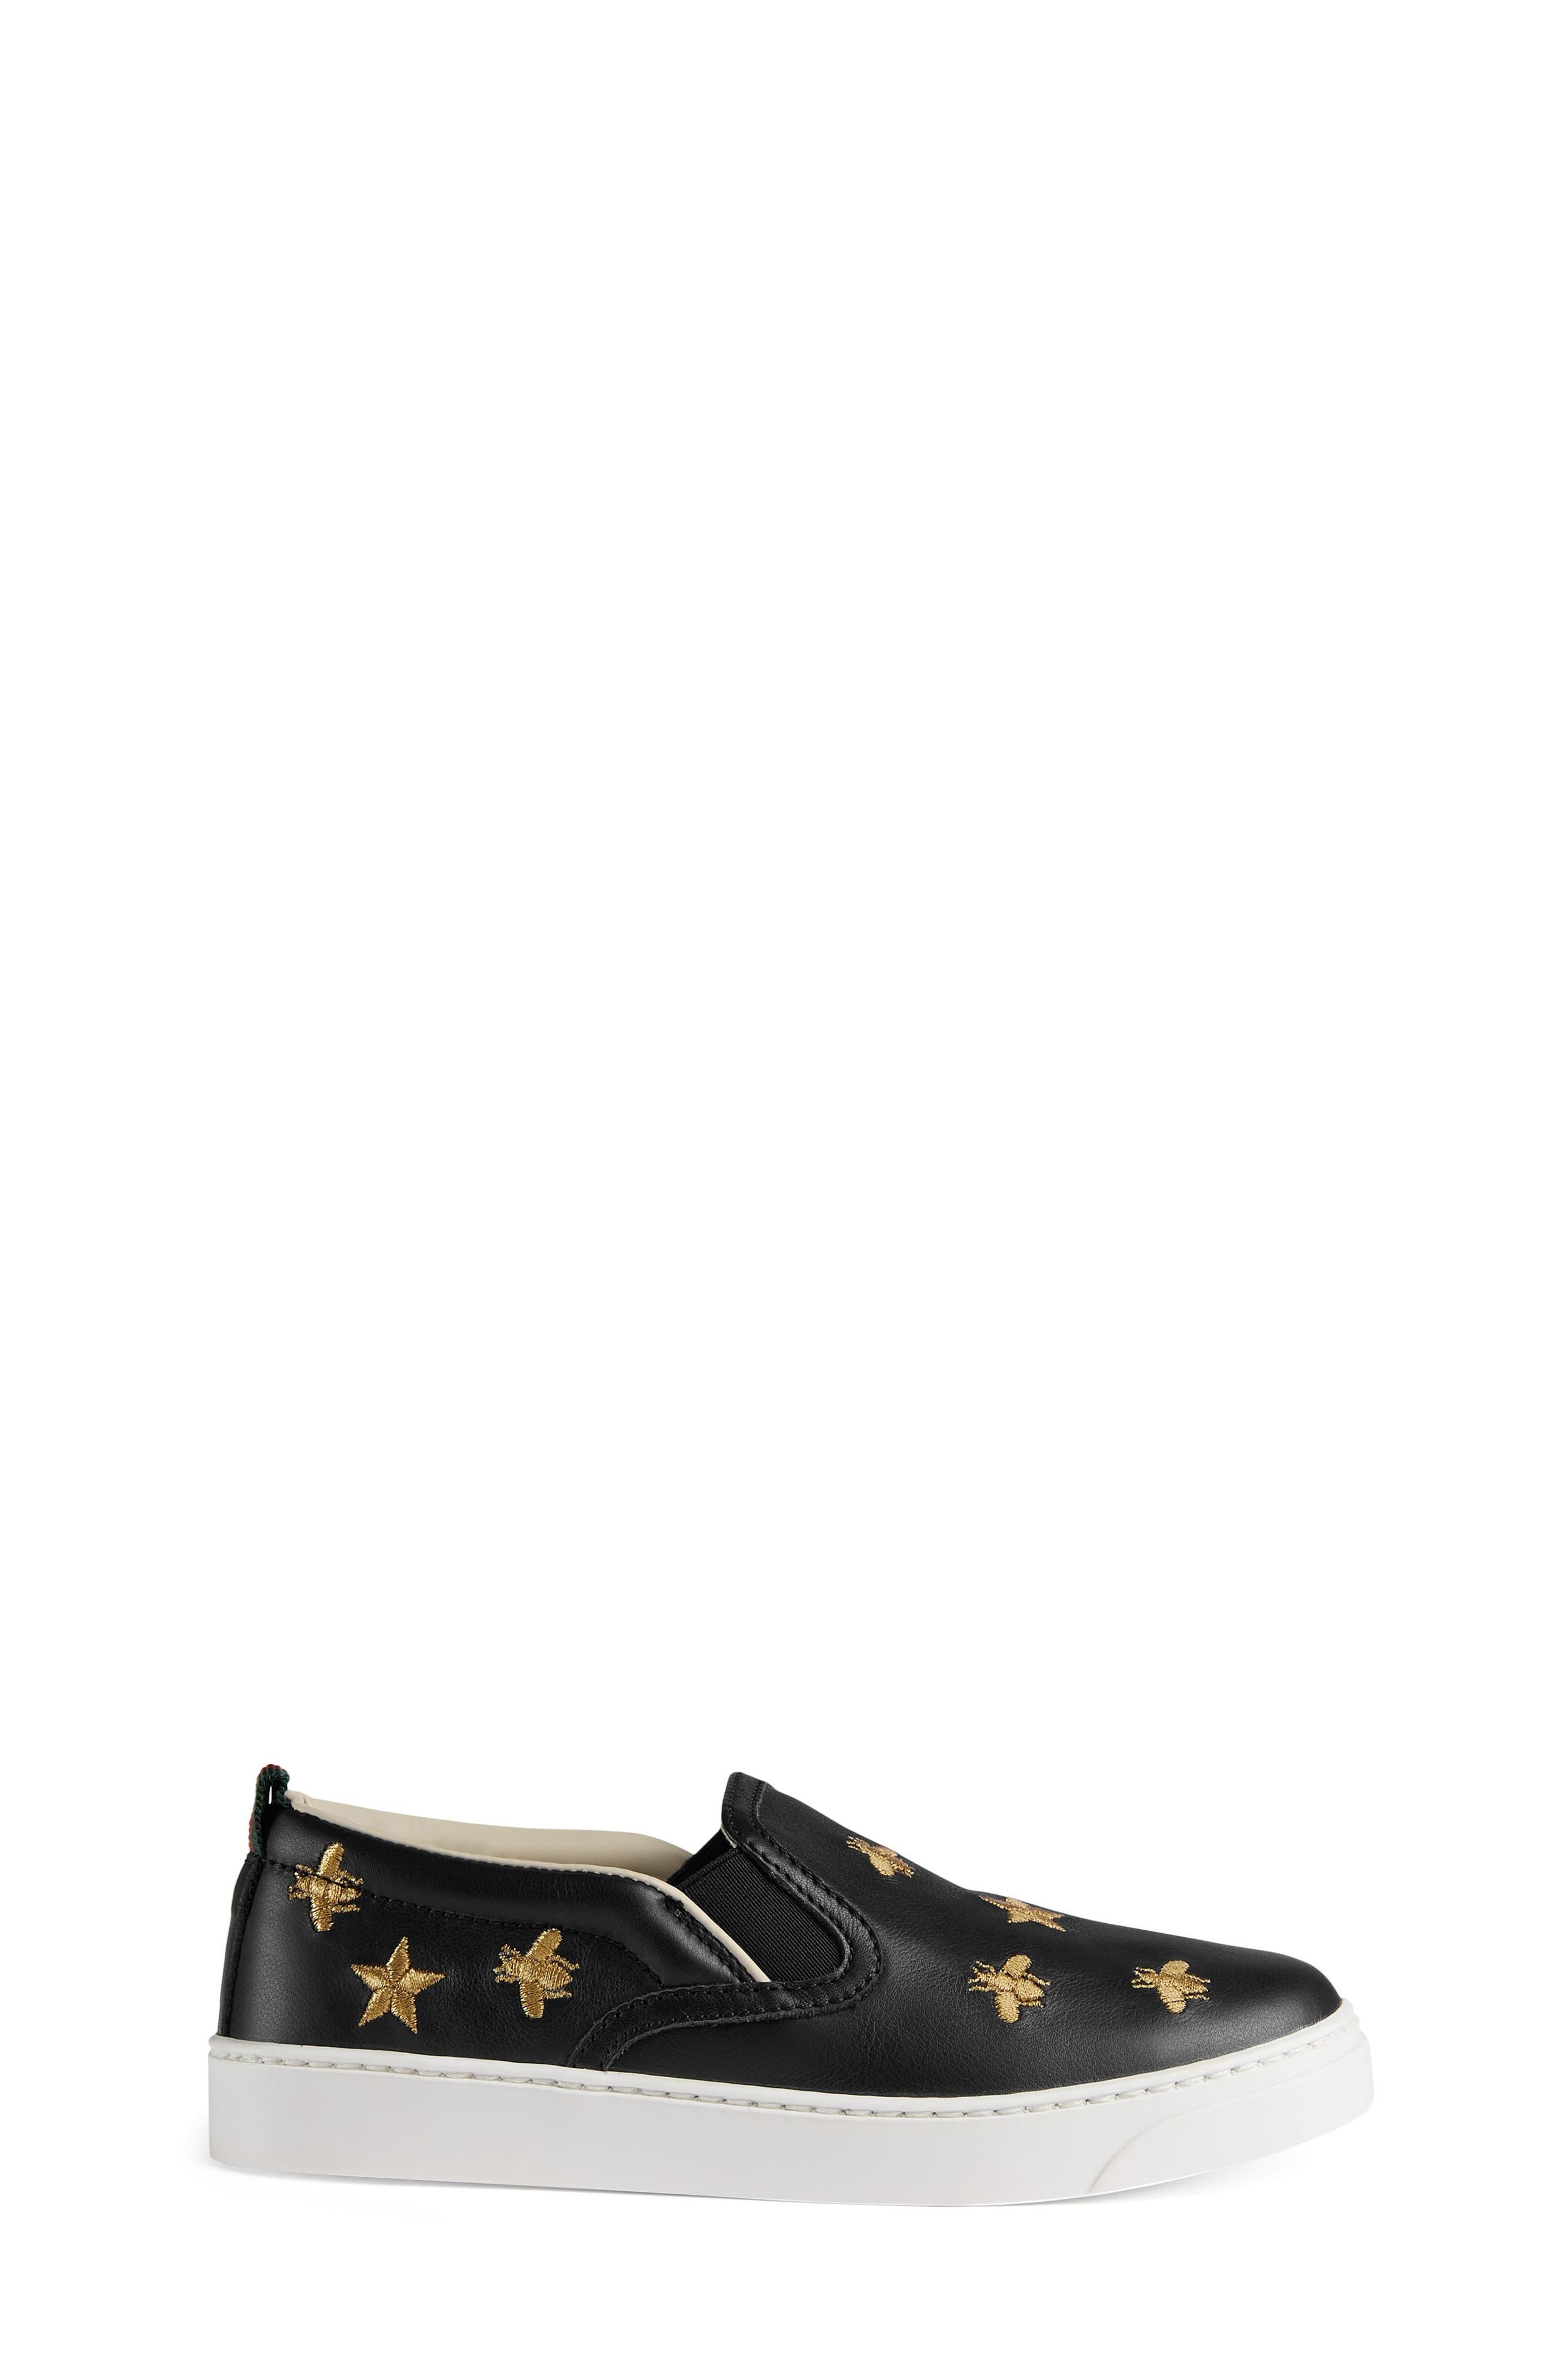 Dublin Bees and Stars Slip-On Sneaker,                             Alternate thumbnail 2, color,                             Black/Gold Stars